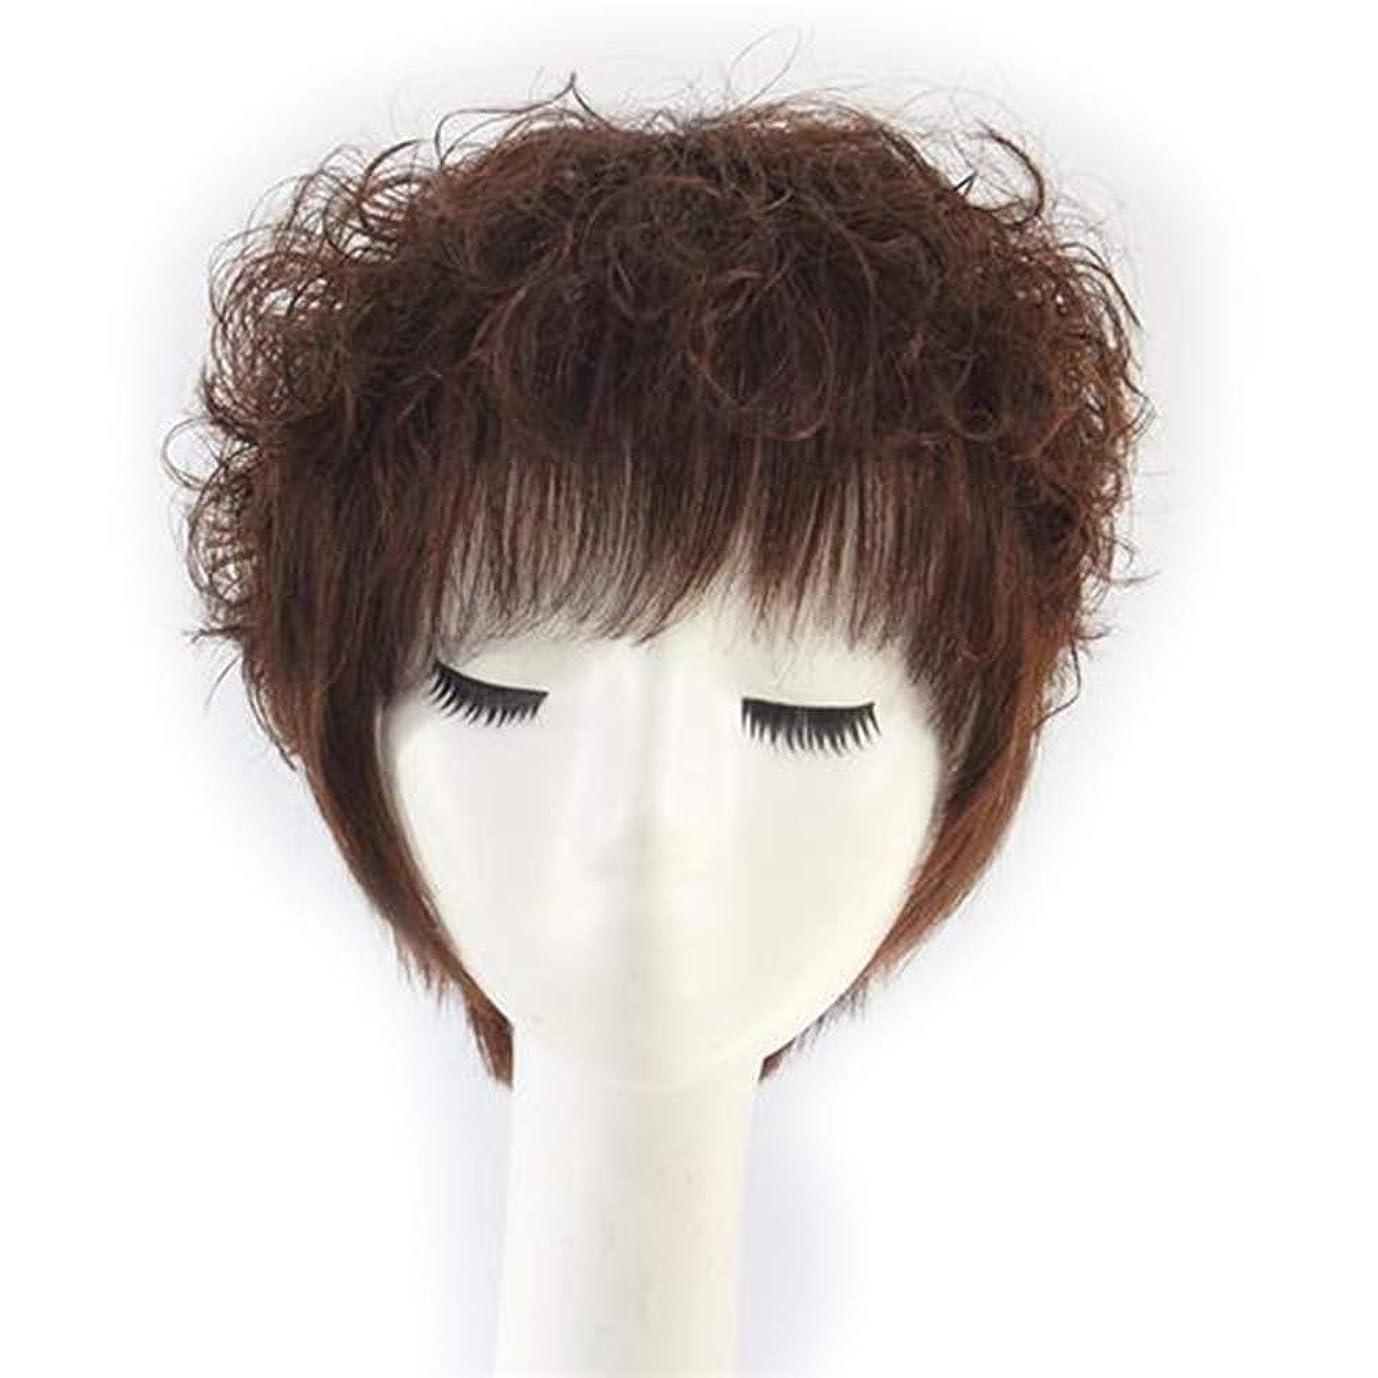 過激派レビューコードMayalina 本物の人間の髪の毛の女性短い巻き毛の耐熱フルかつら中年のかつらファッションかつら (色 : Dark brown)